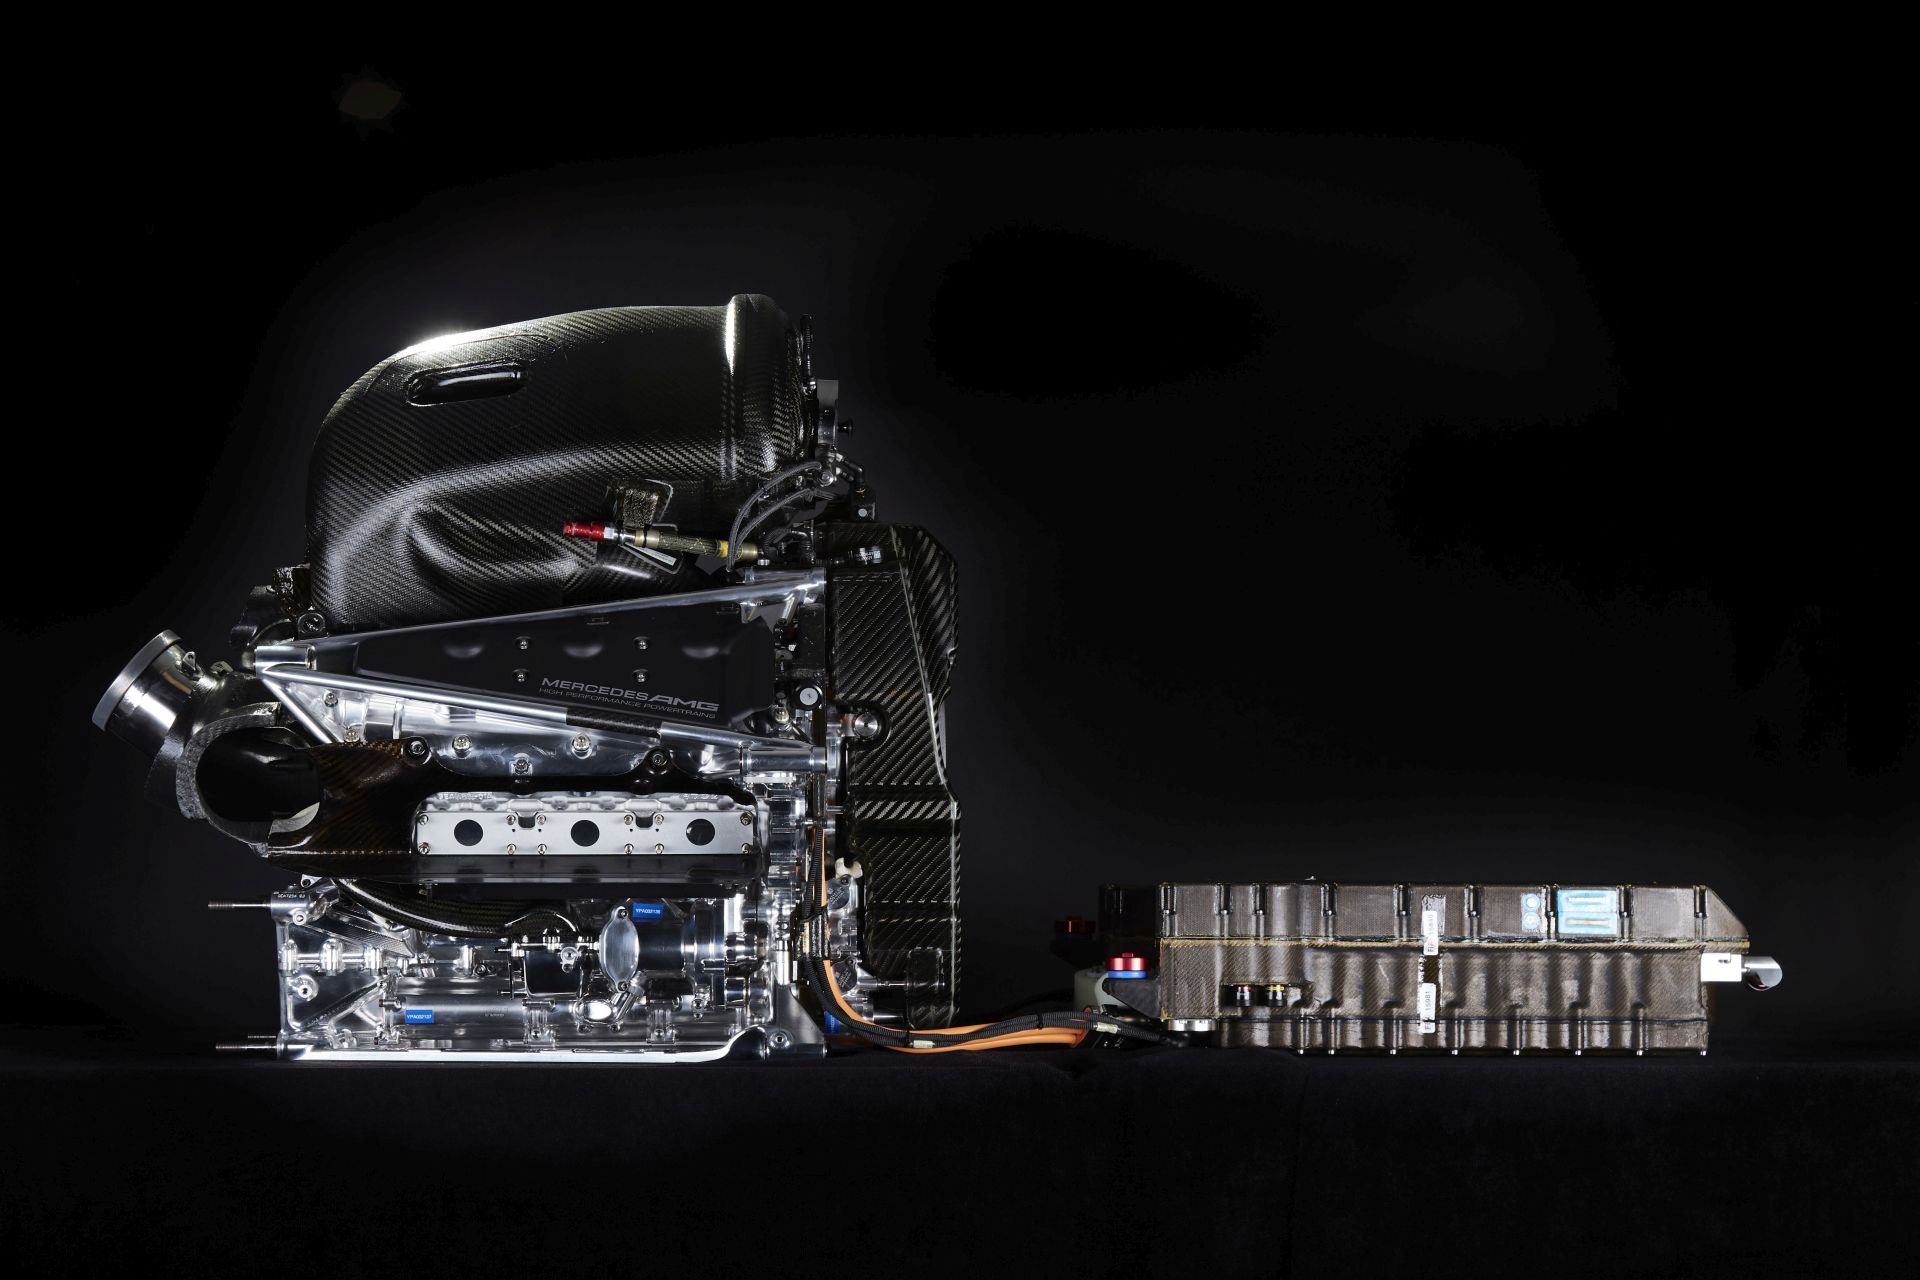 4 decibellel lett hangosabb a Mercedes erőforrása, van még ötlet a hangerő-növelésre